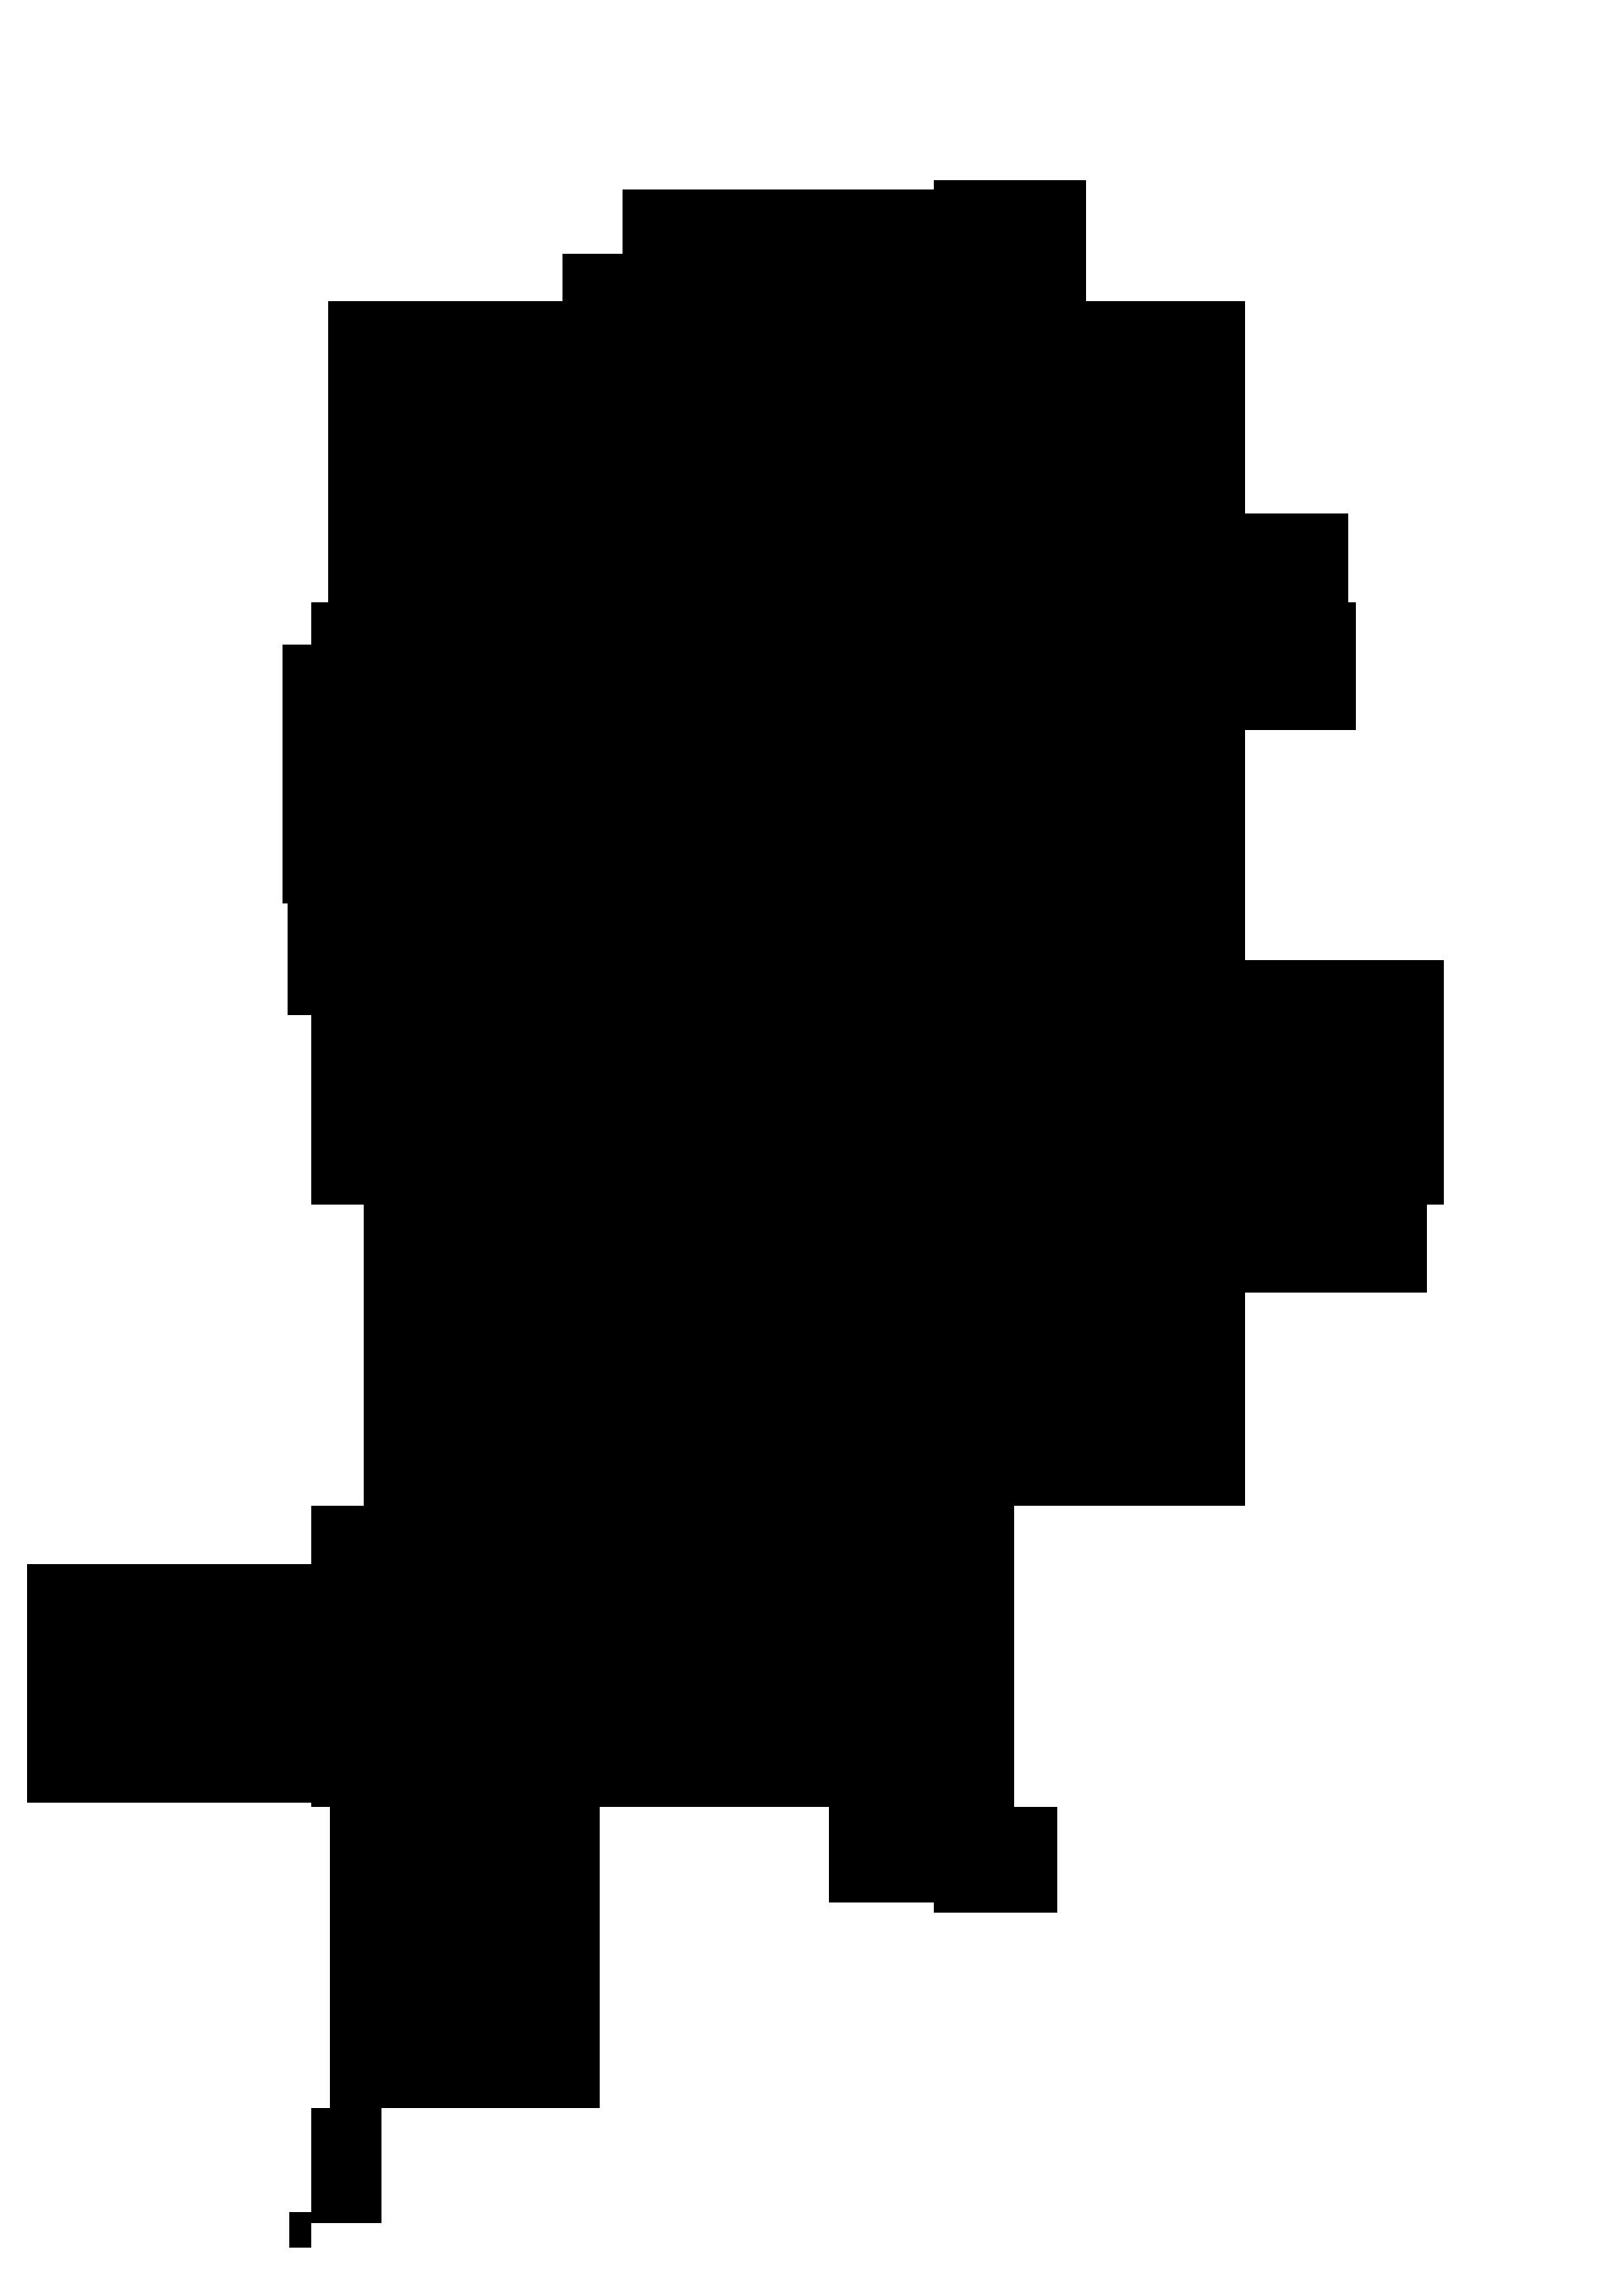 设计 矢量 矢量图 素材 1920_2700 竖版 竖屏